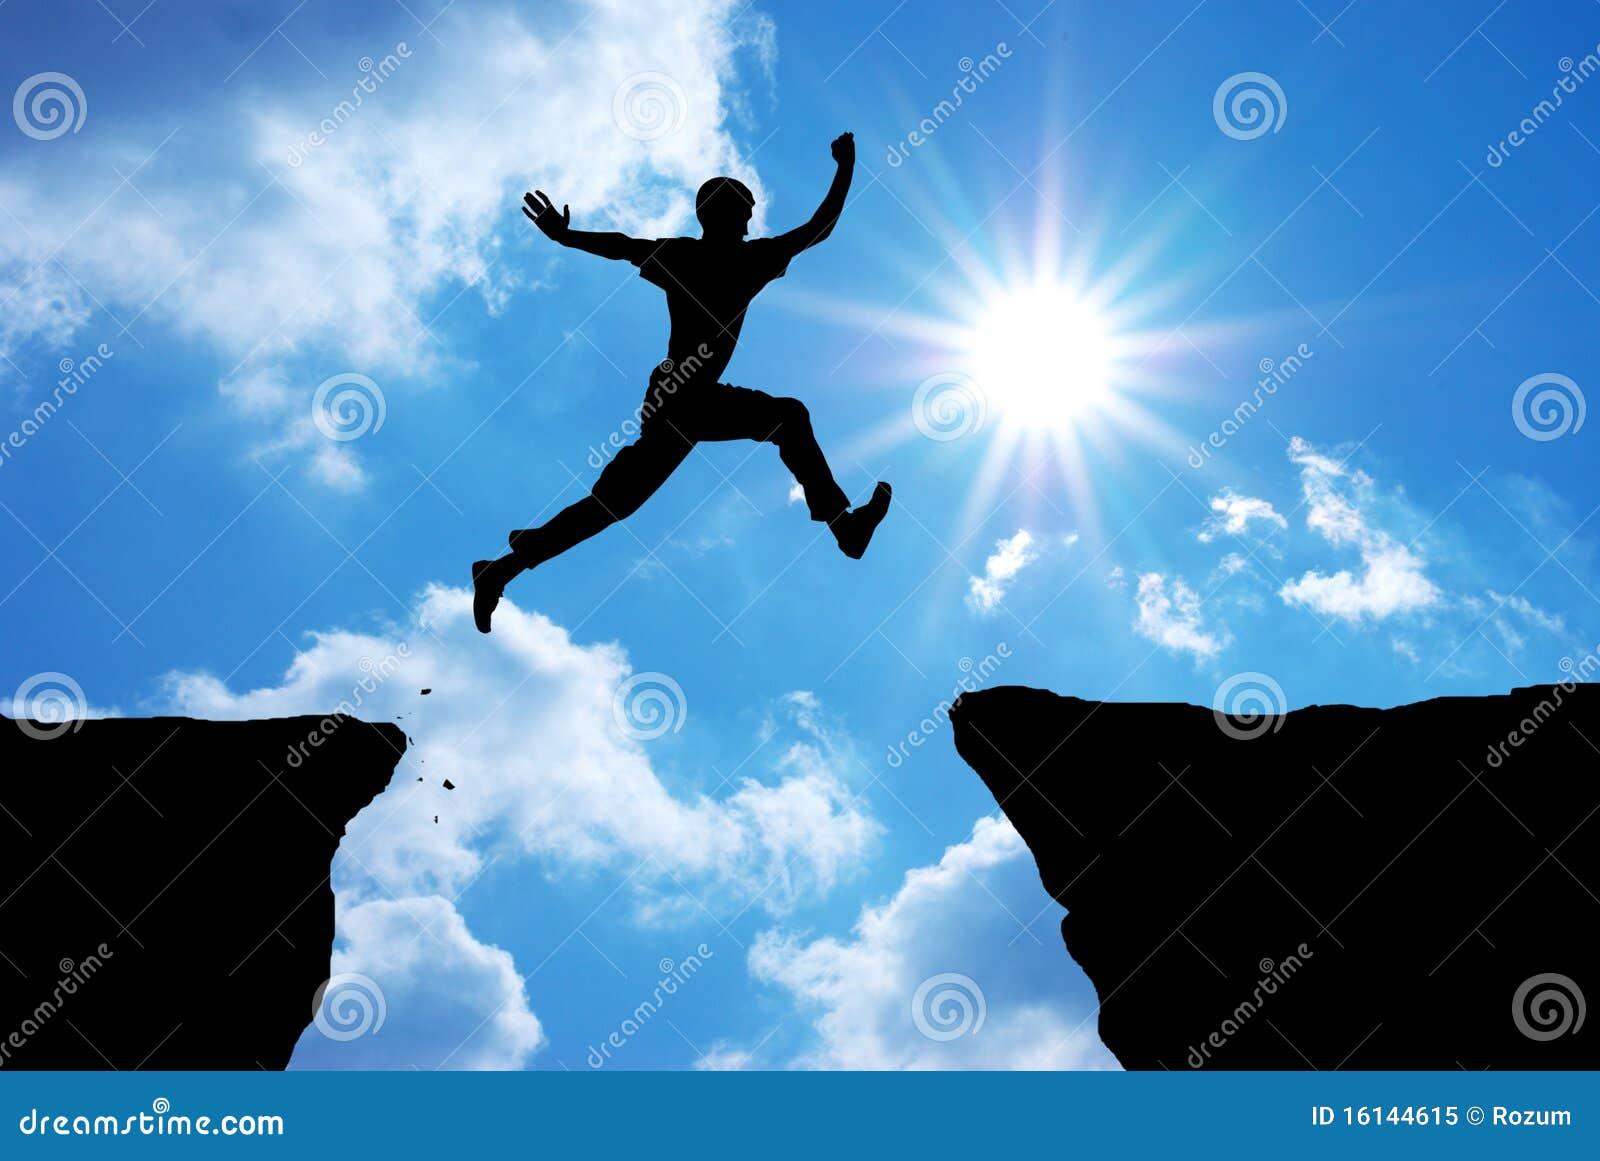 El hombre salta